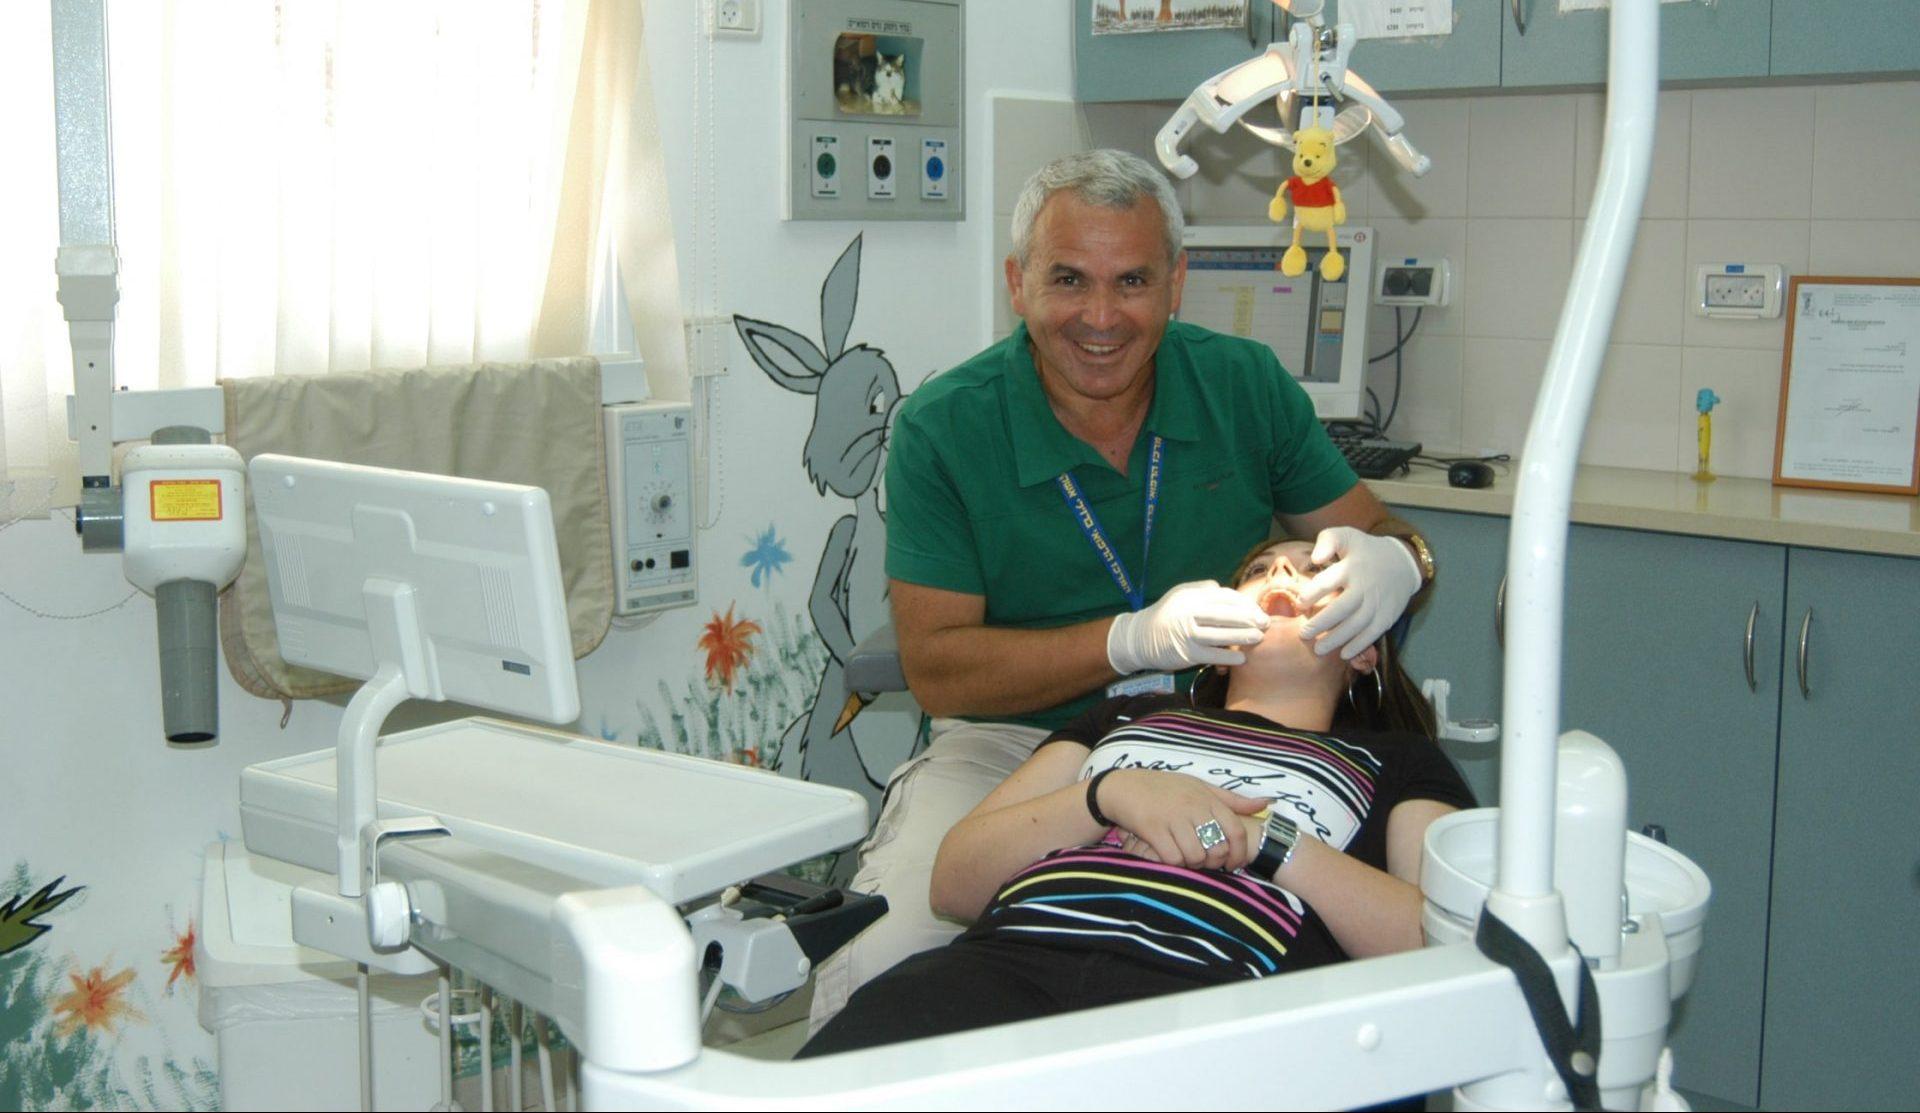 דר אורי זילברמן במרפאת השיניים בברזילי. צילום: המרכז הרפואי ברזילי